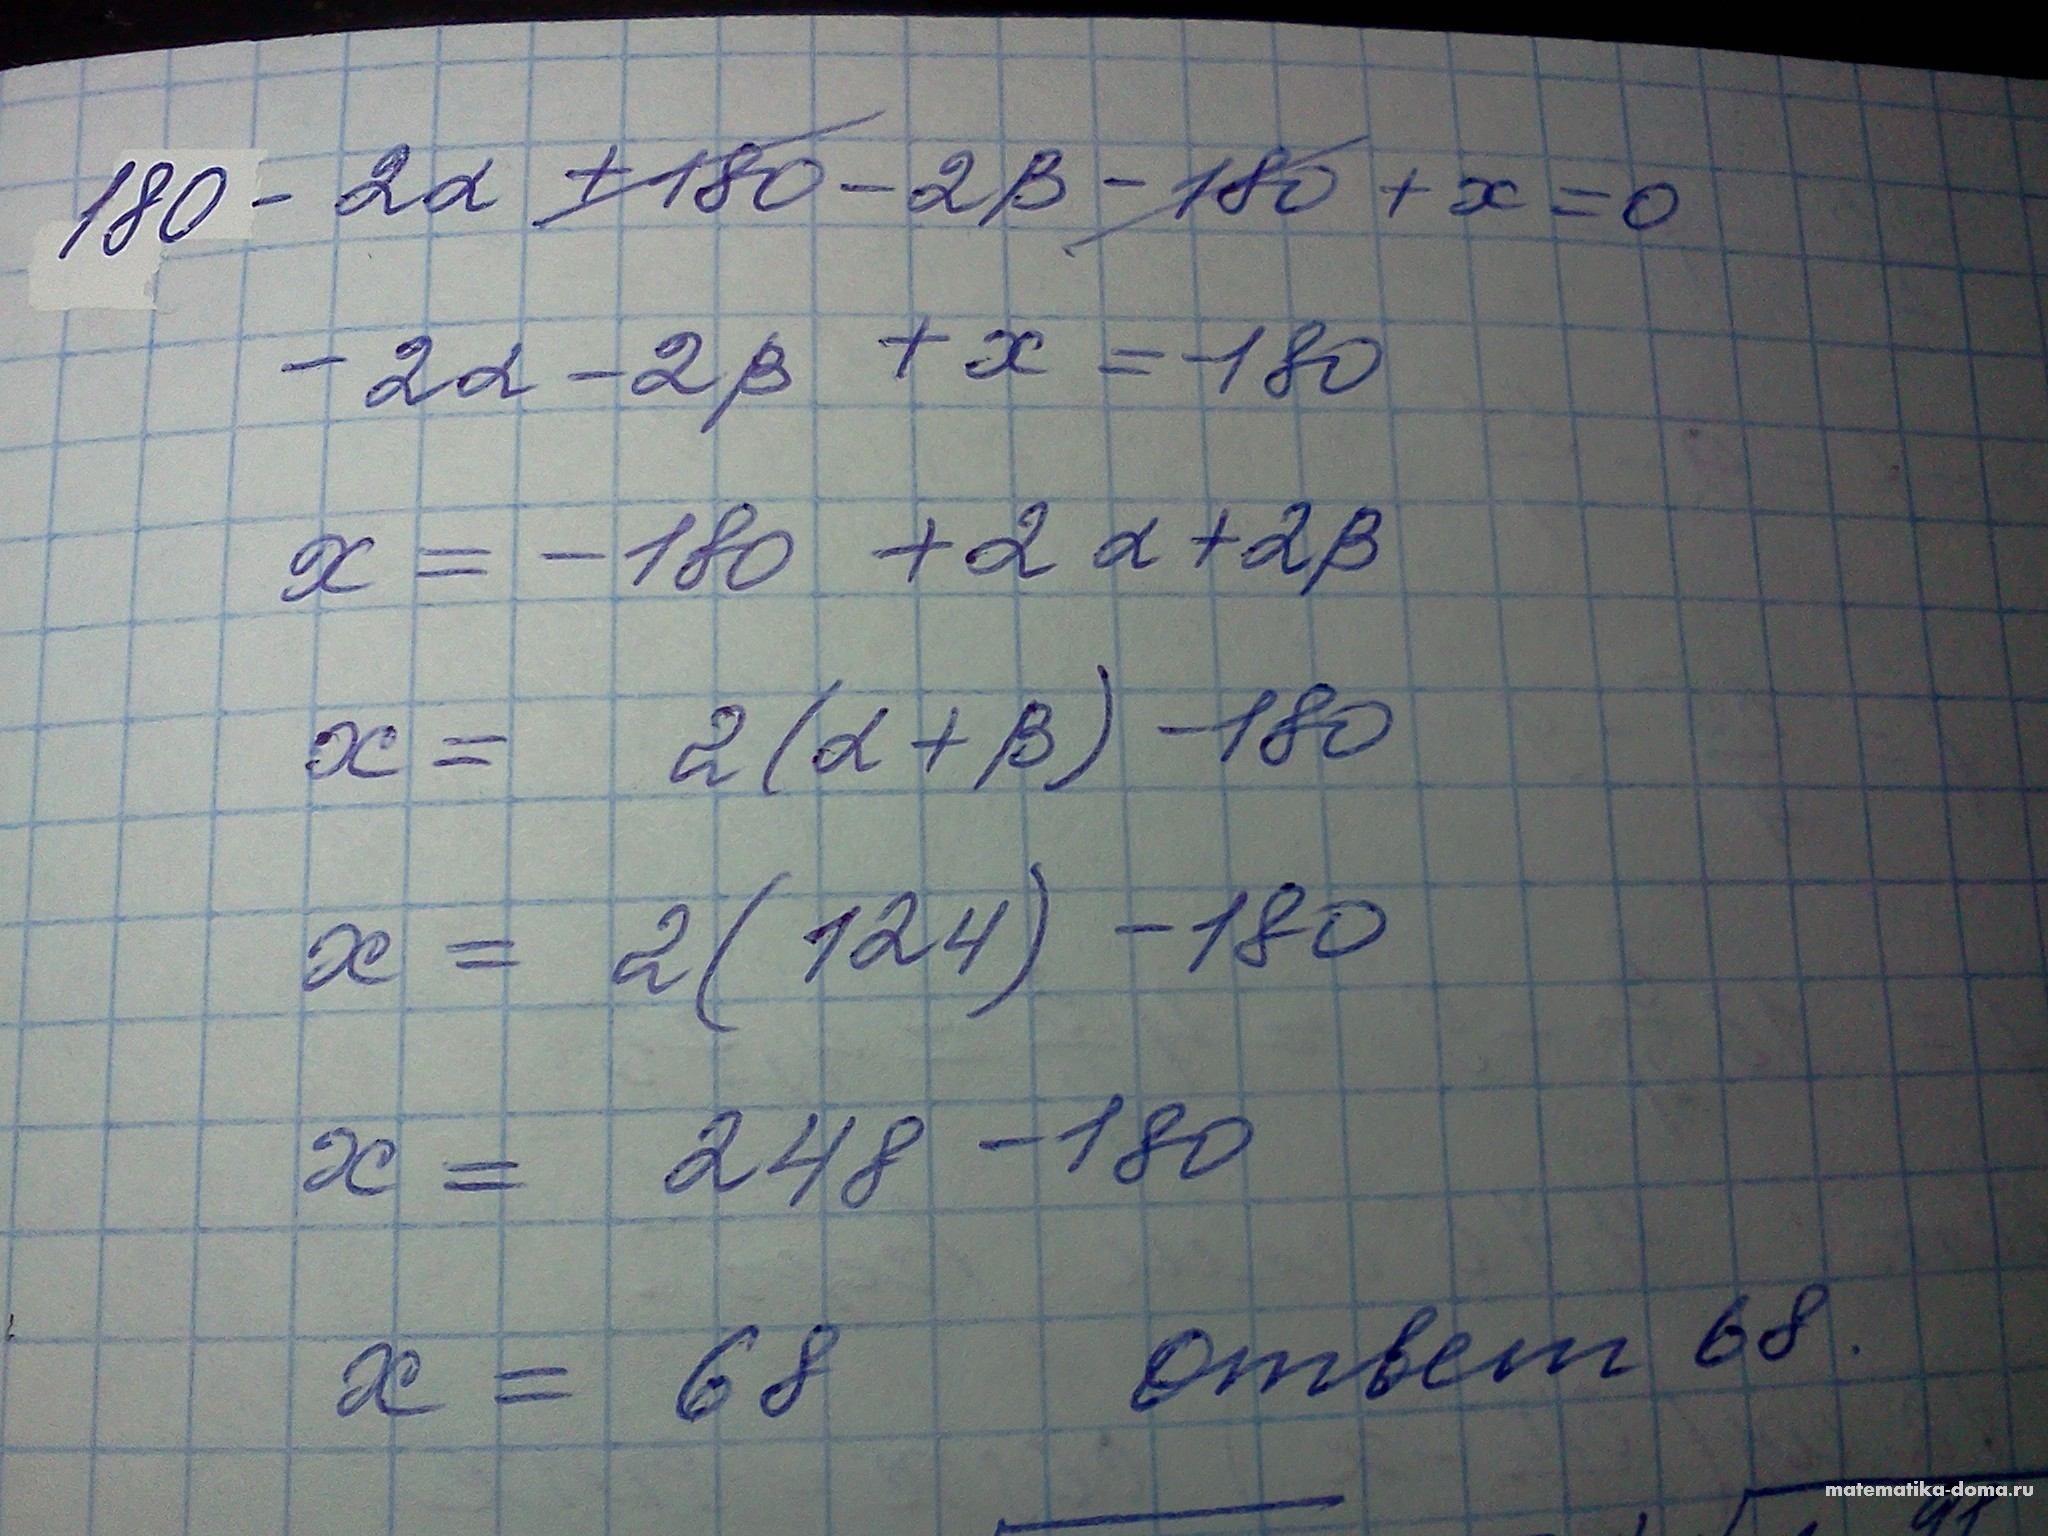 Сборник задач по физики для 9-10 классов автор с г николаевна решение задачь на тему тепловые двигатели